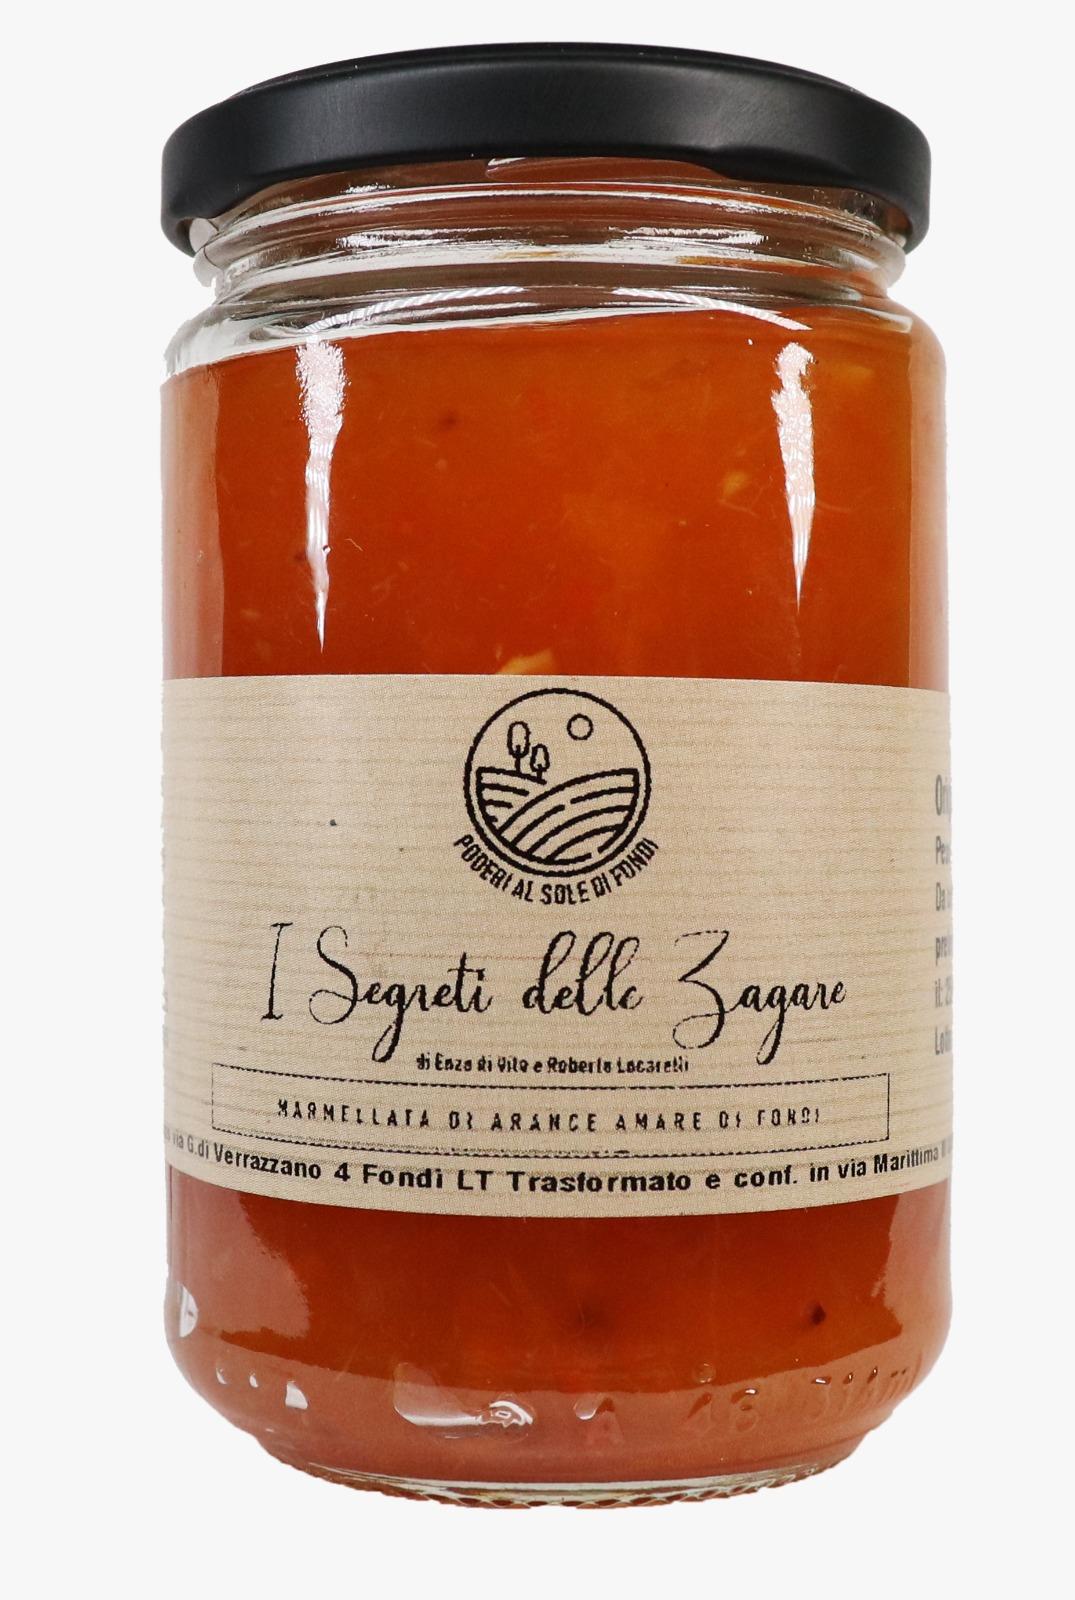 Marmellata di arance amare di Fondi I segreti delle zagare - Confezioni da 100 gr e 300 gr